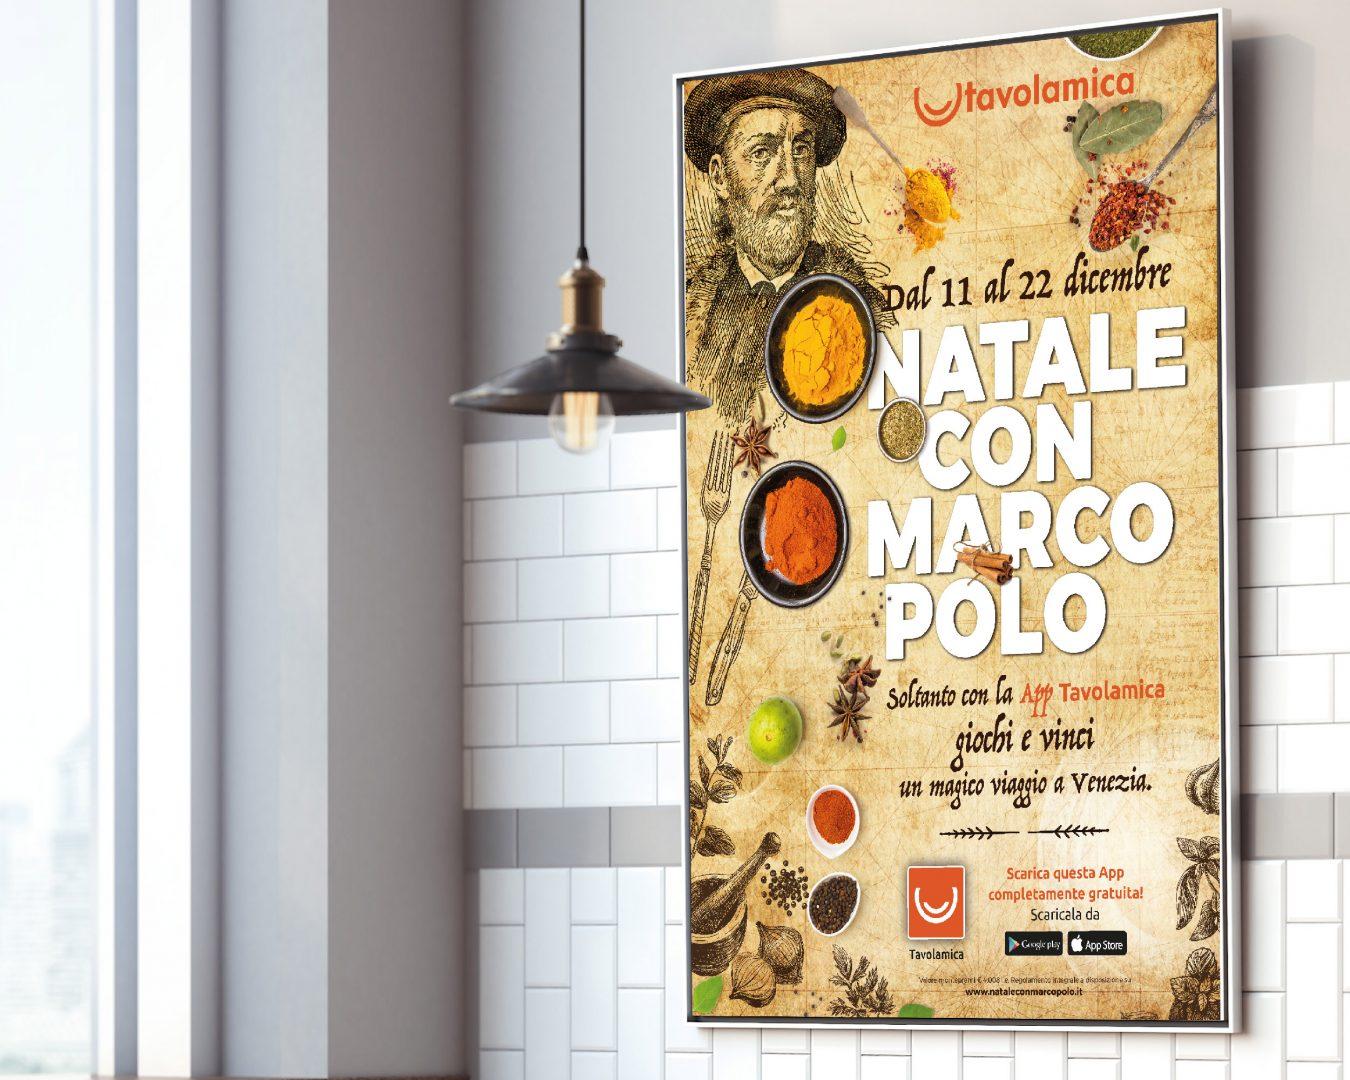 NATALE CON MARCO POLO